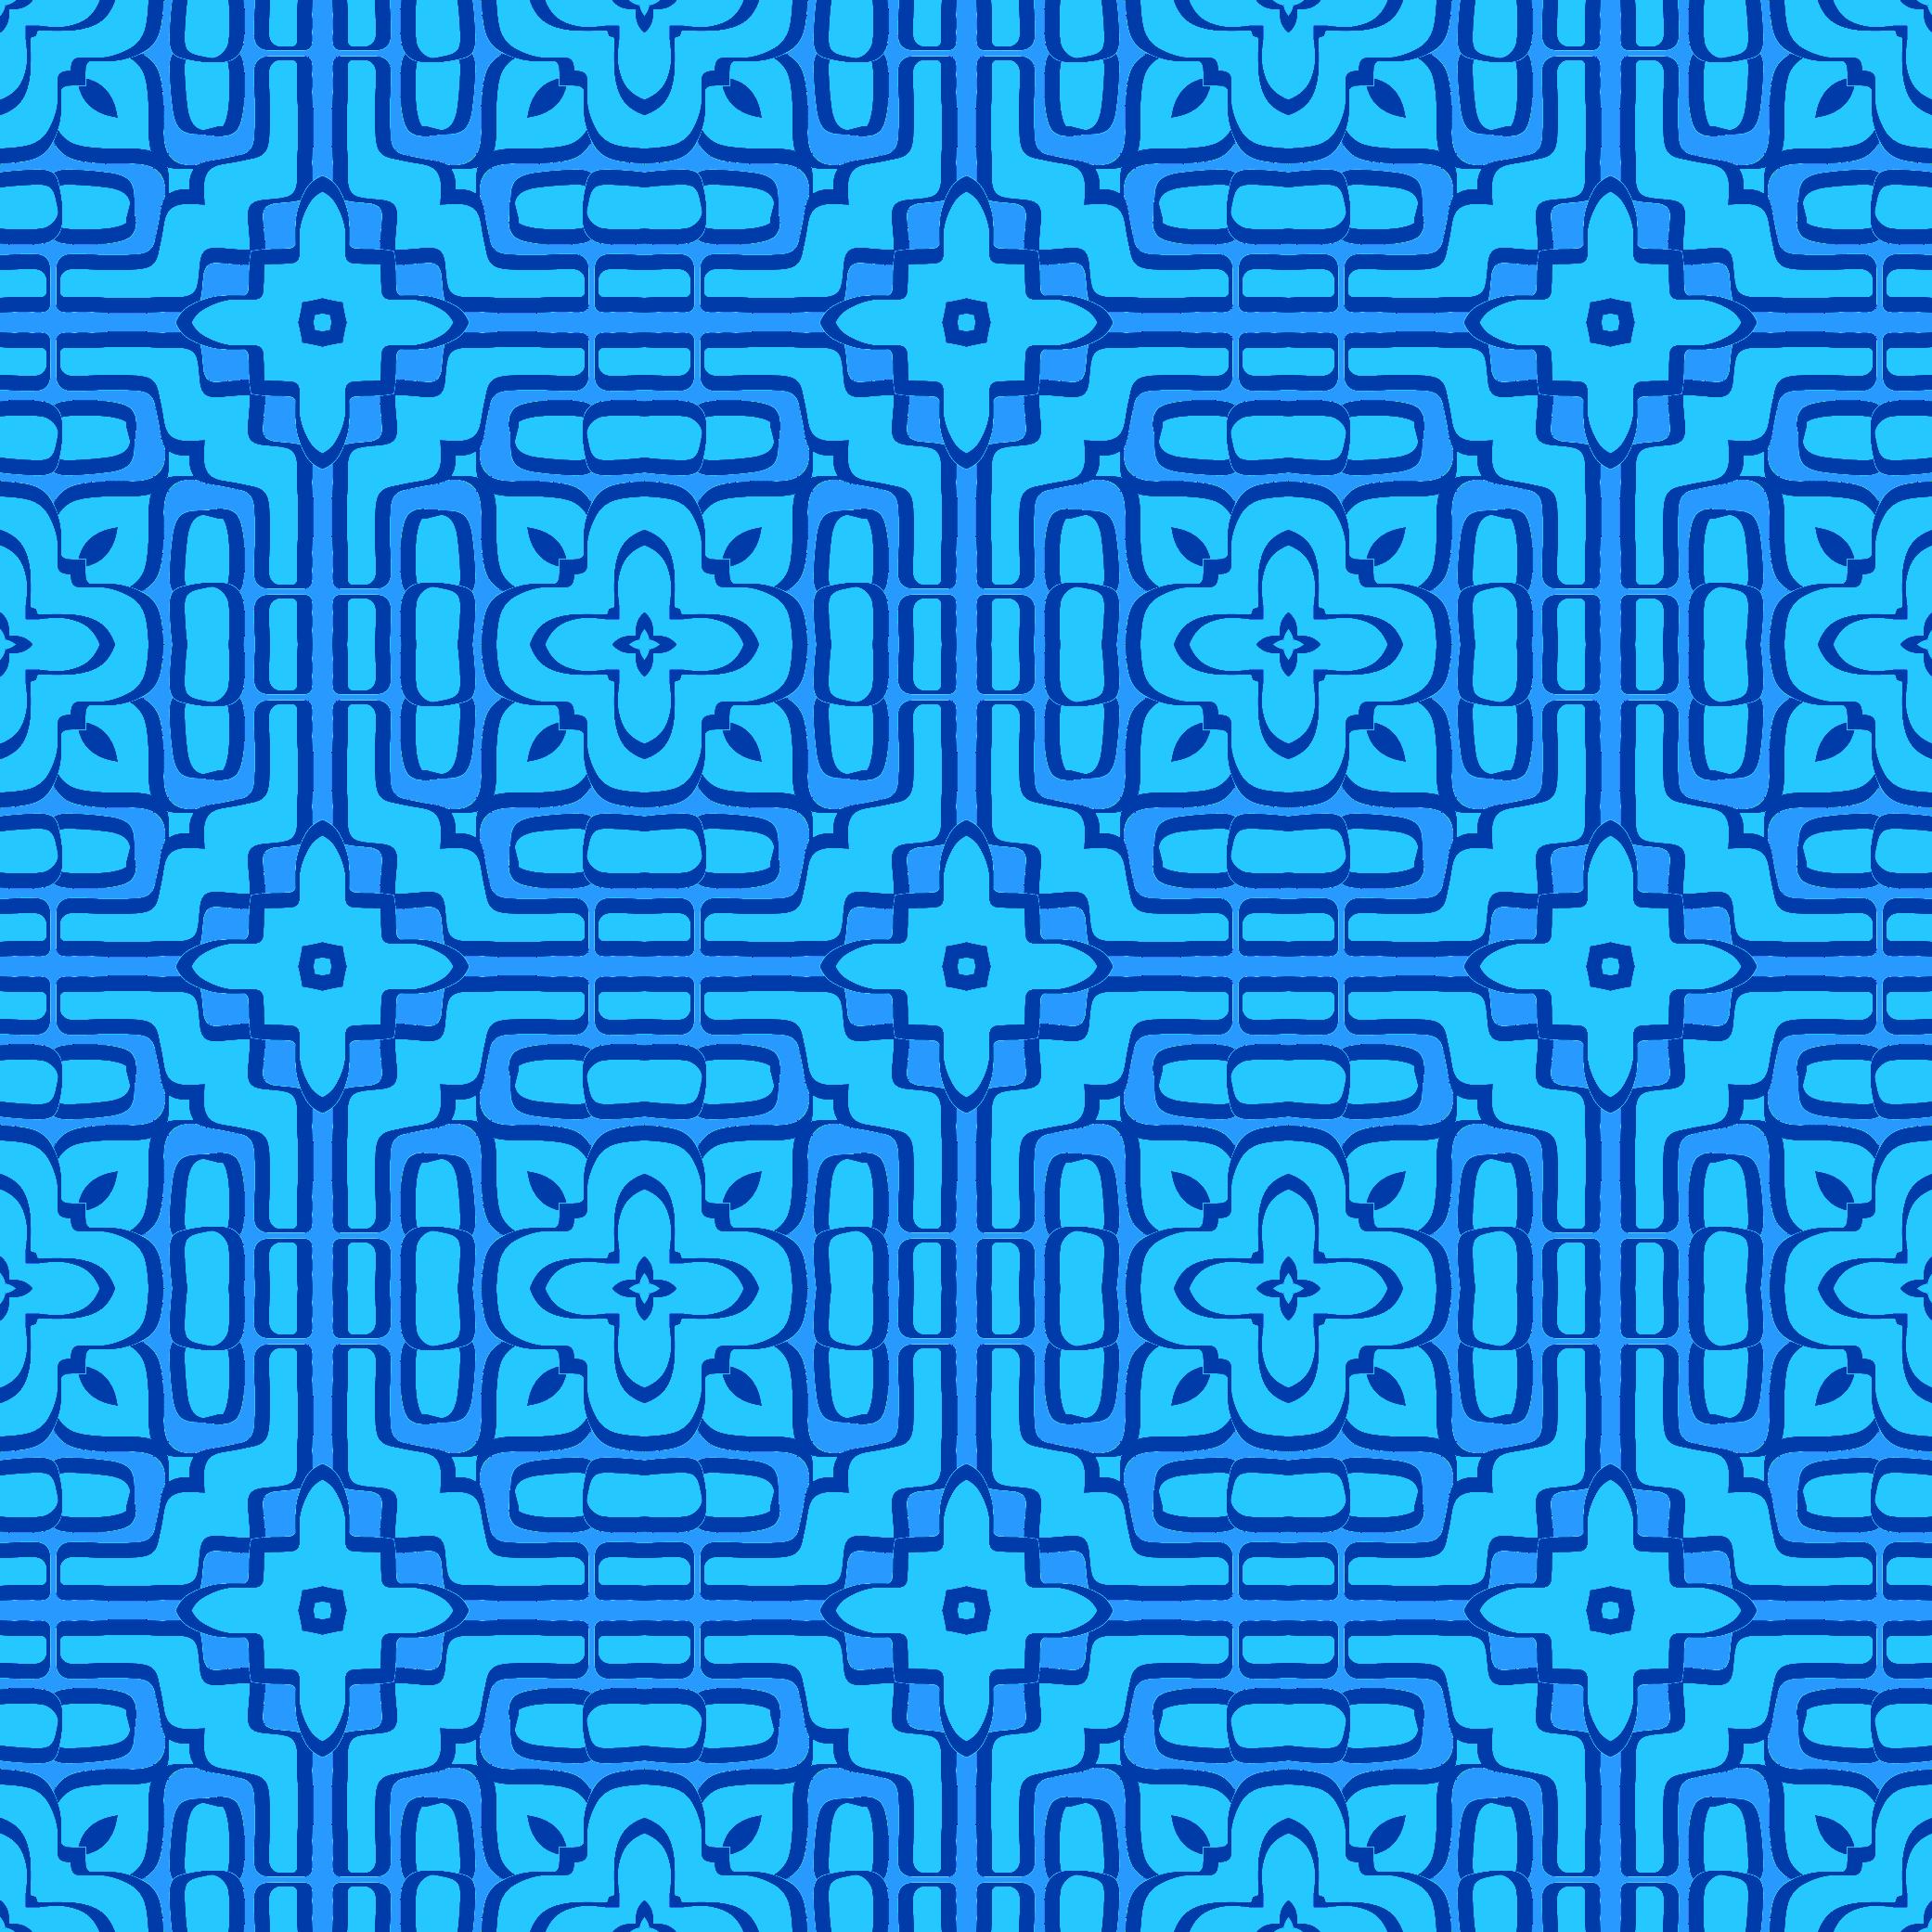 Tropical Folk pattern6.png